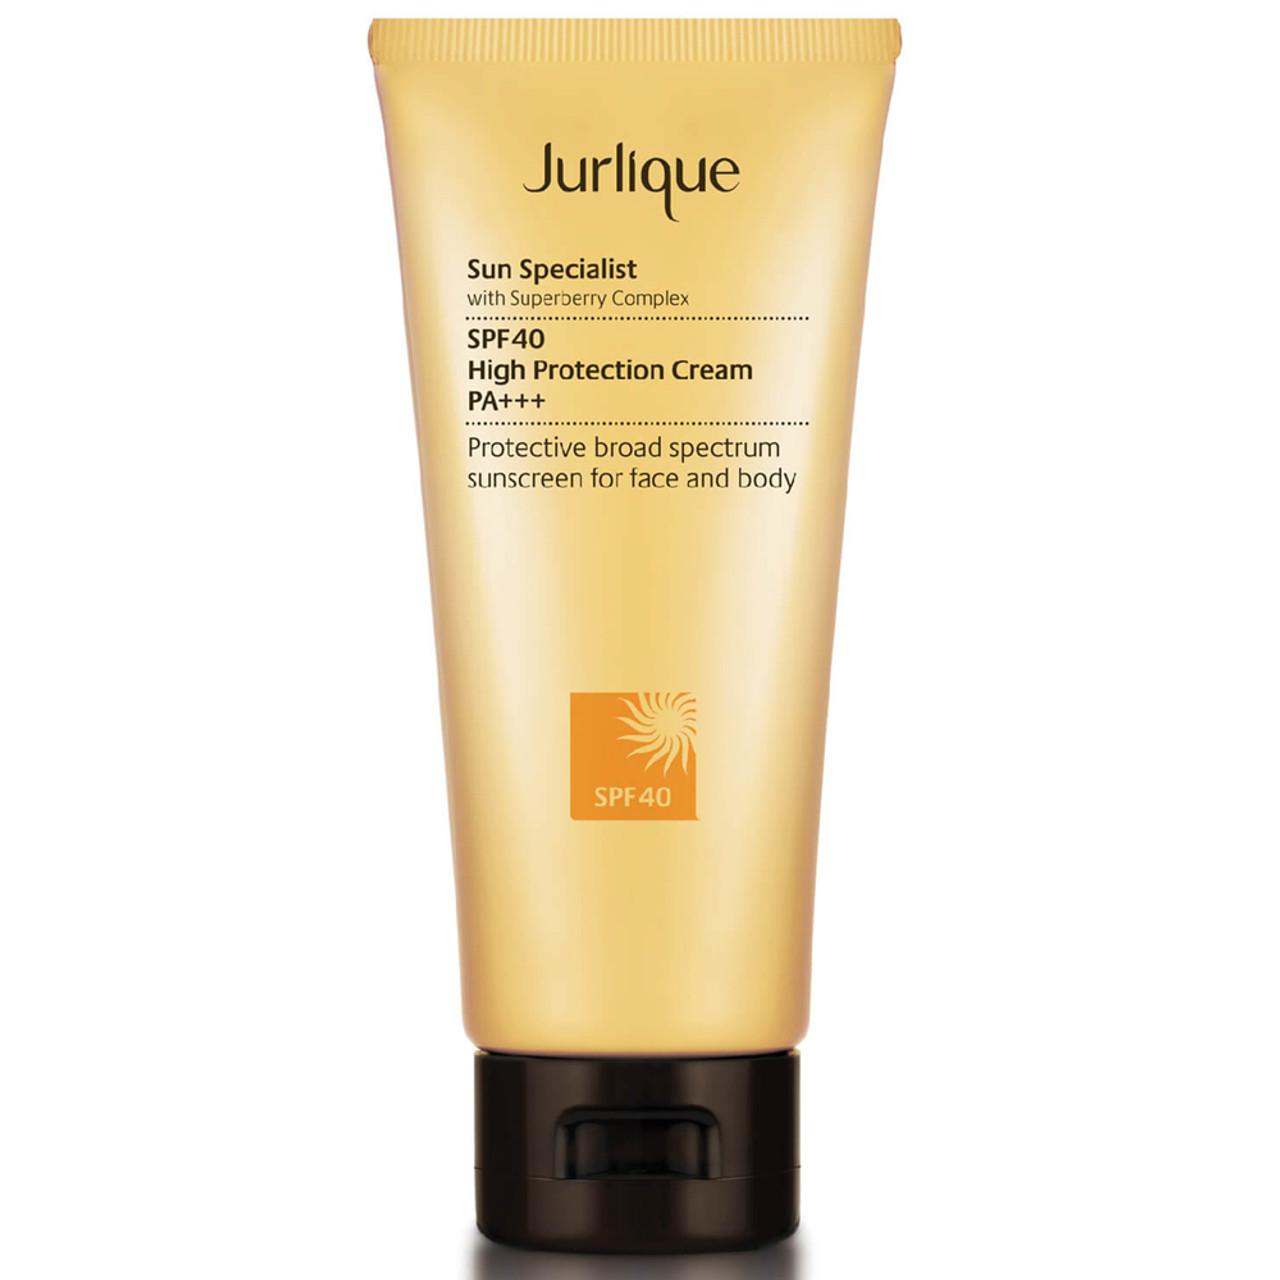 Jurlique Sun Specialist SPF 40 High Protection Cream (discontinued) BeautifiedYou.com